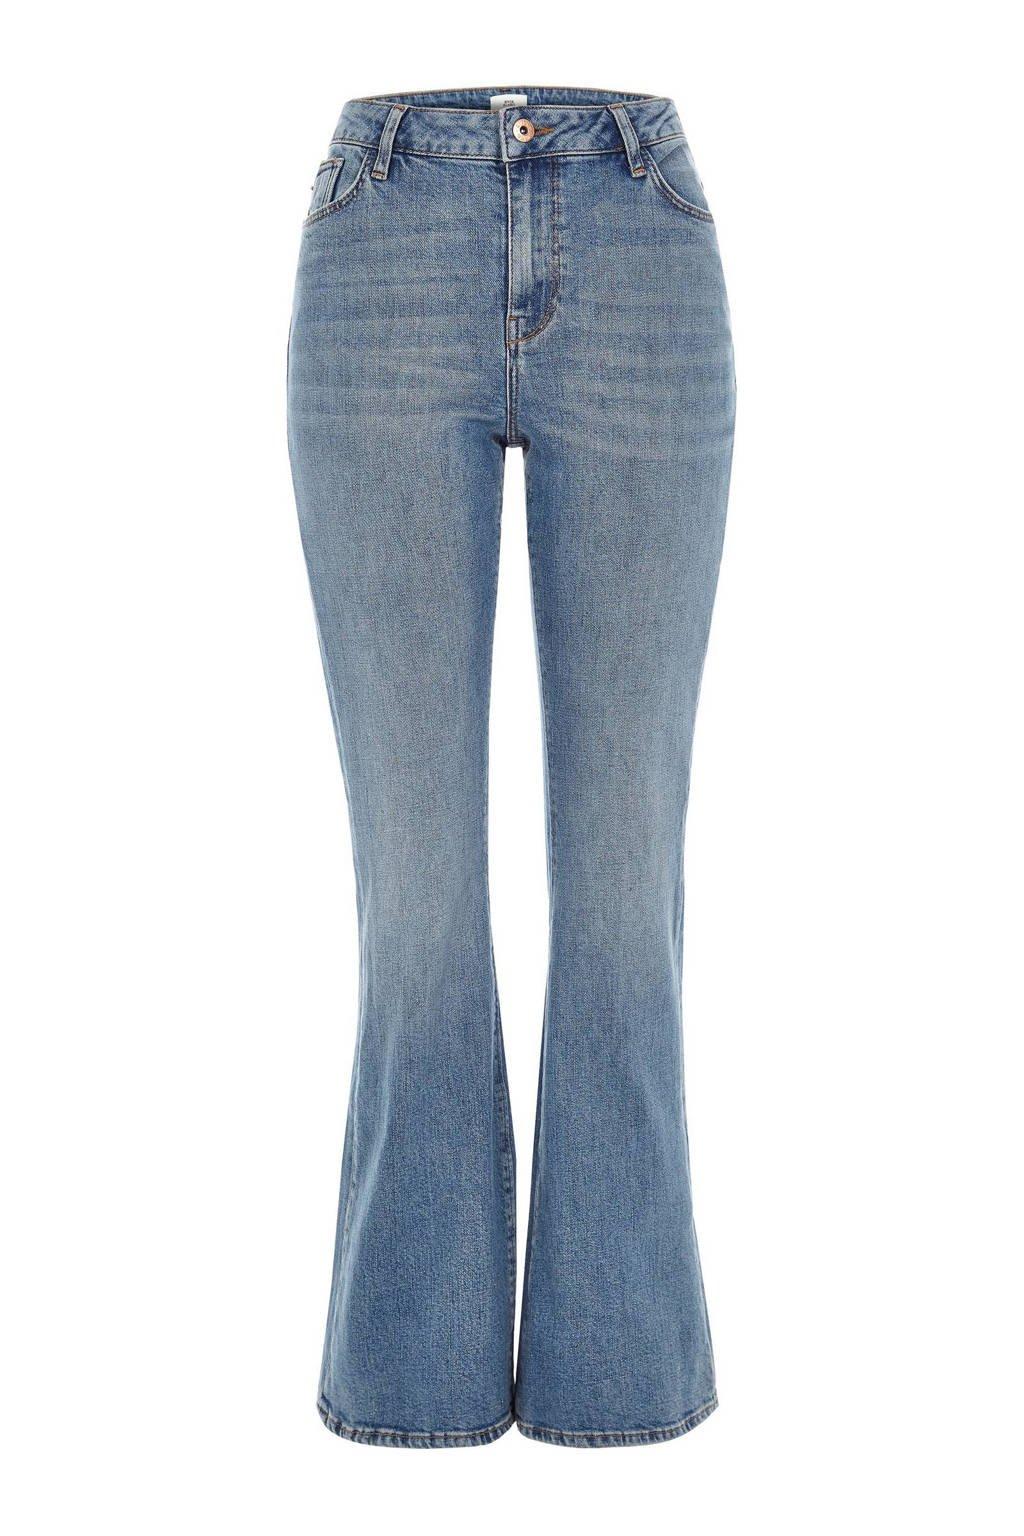 River Island high waist flared jeans, Lichtblauw